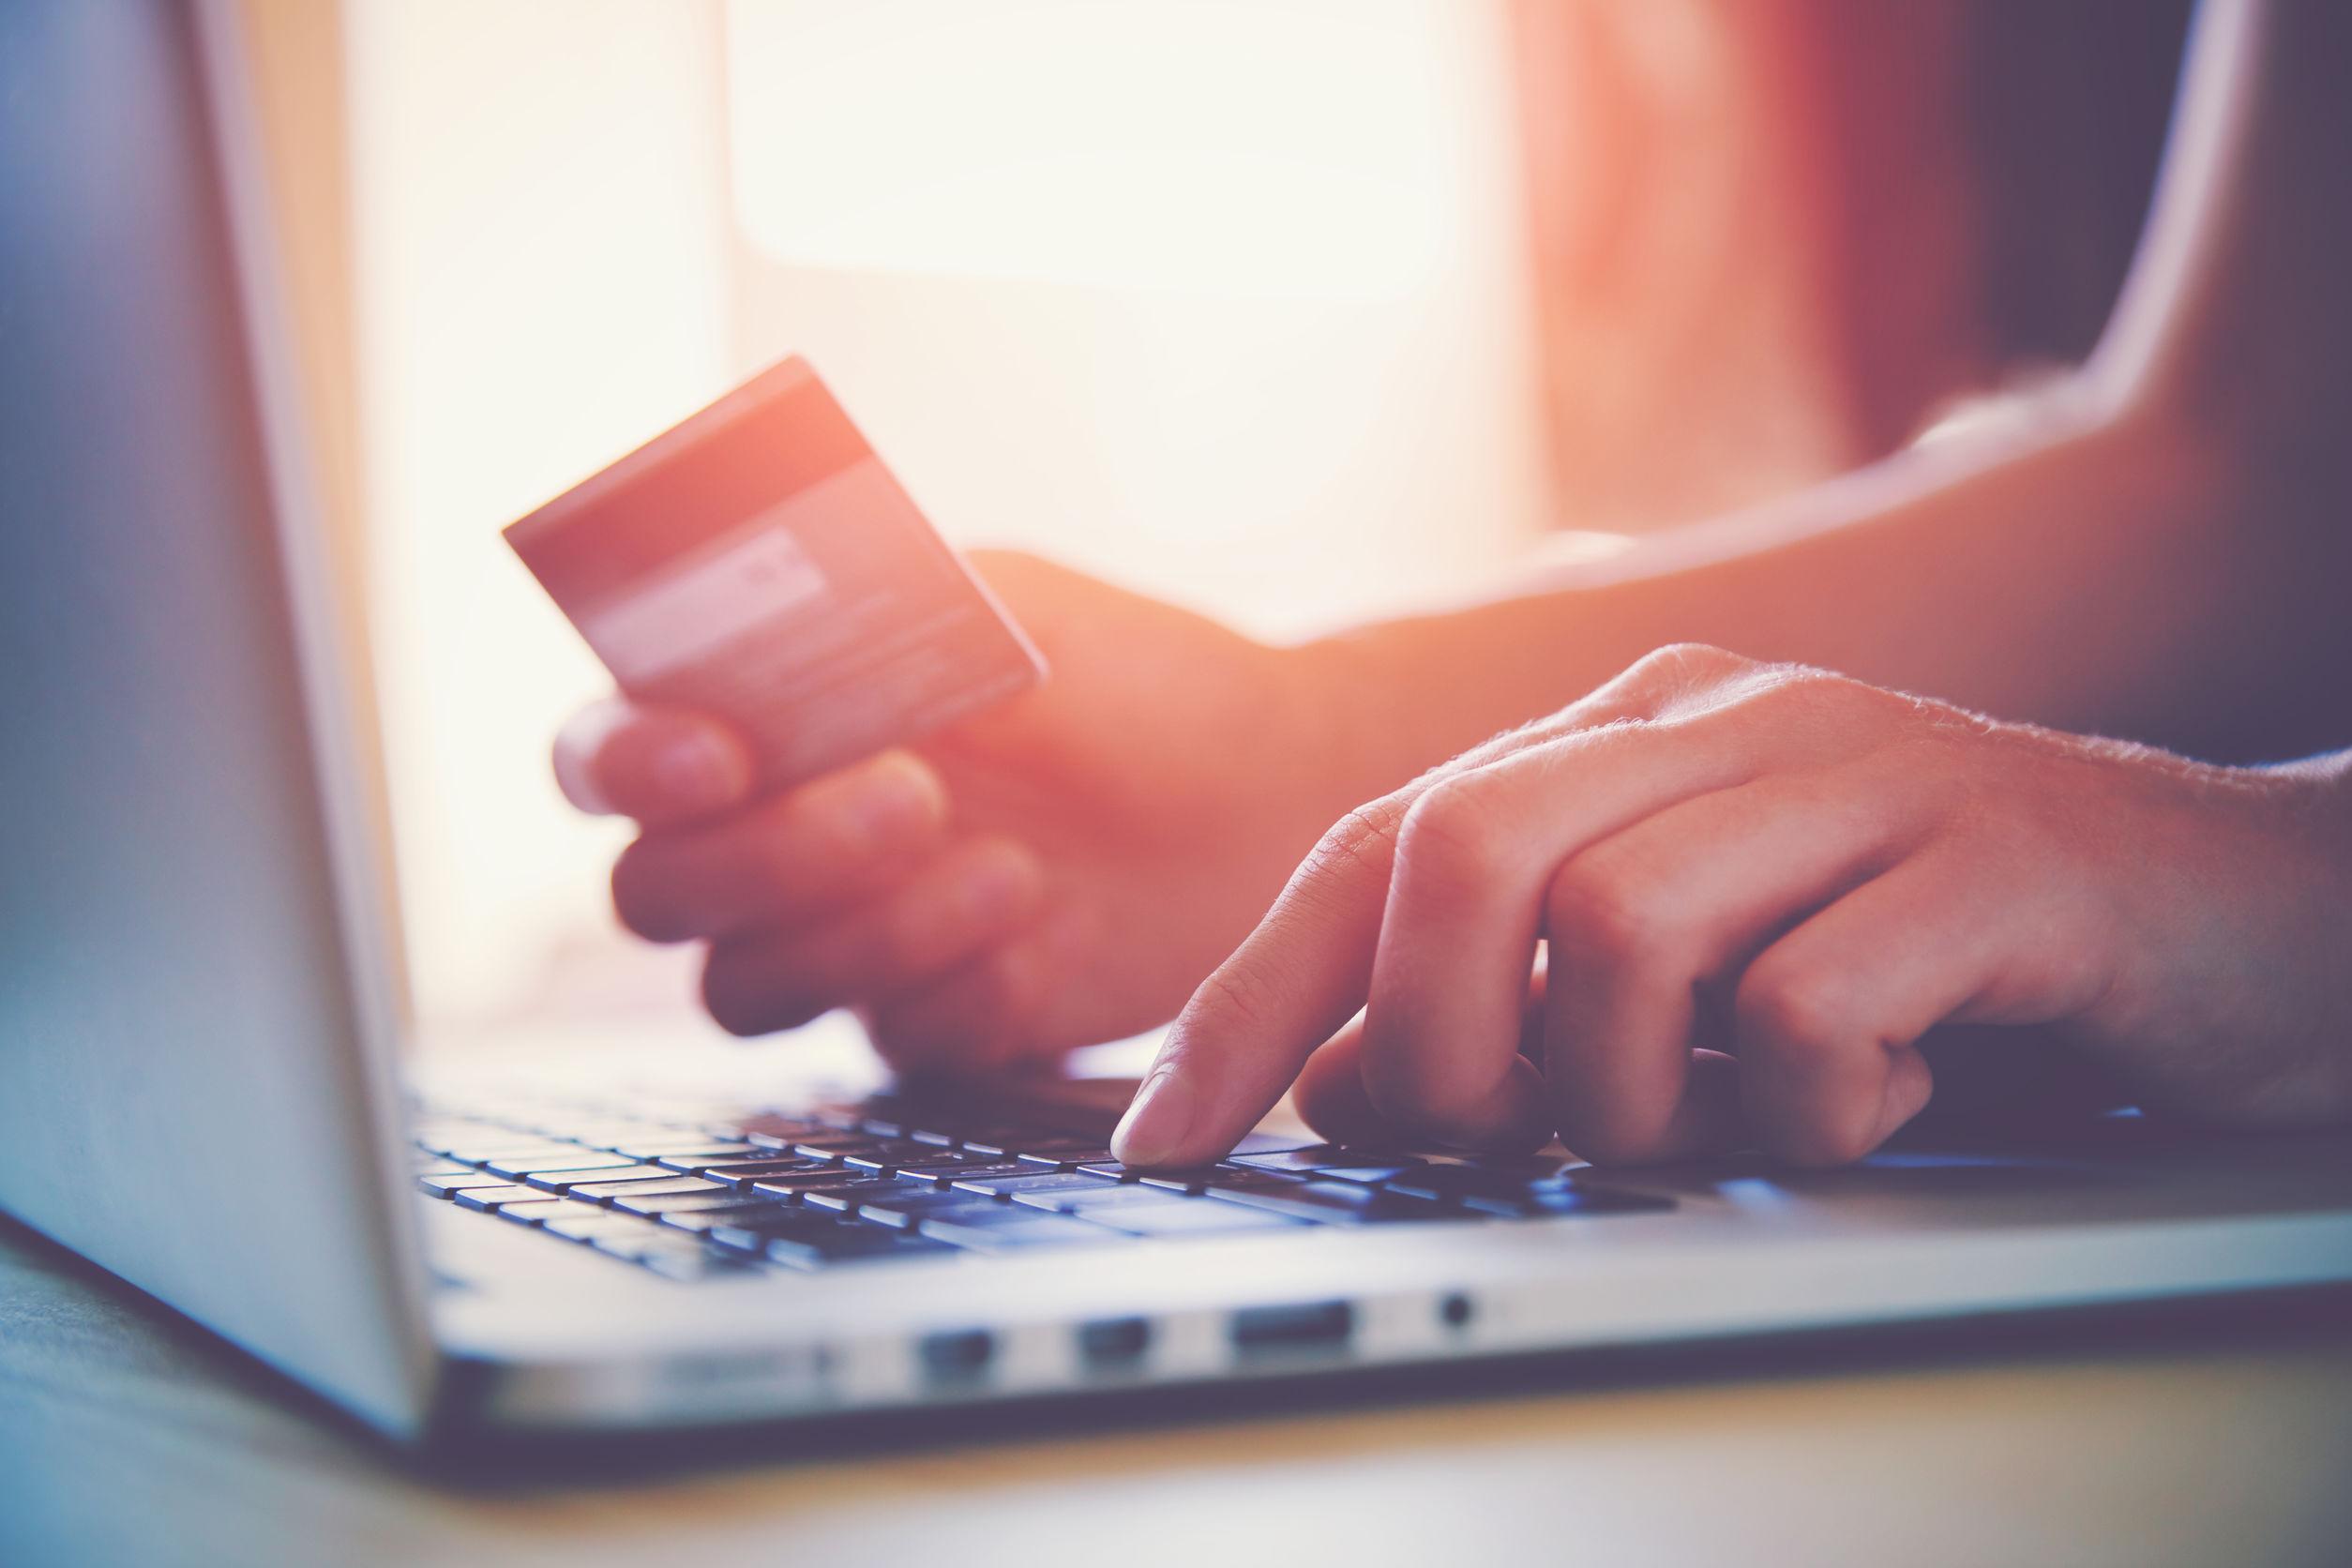 Sicheres Online-Shopping: Welche Versicherung schützt bei Betrug im Netz?